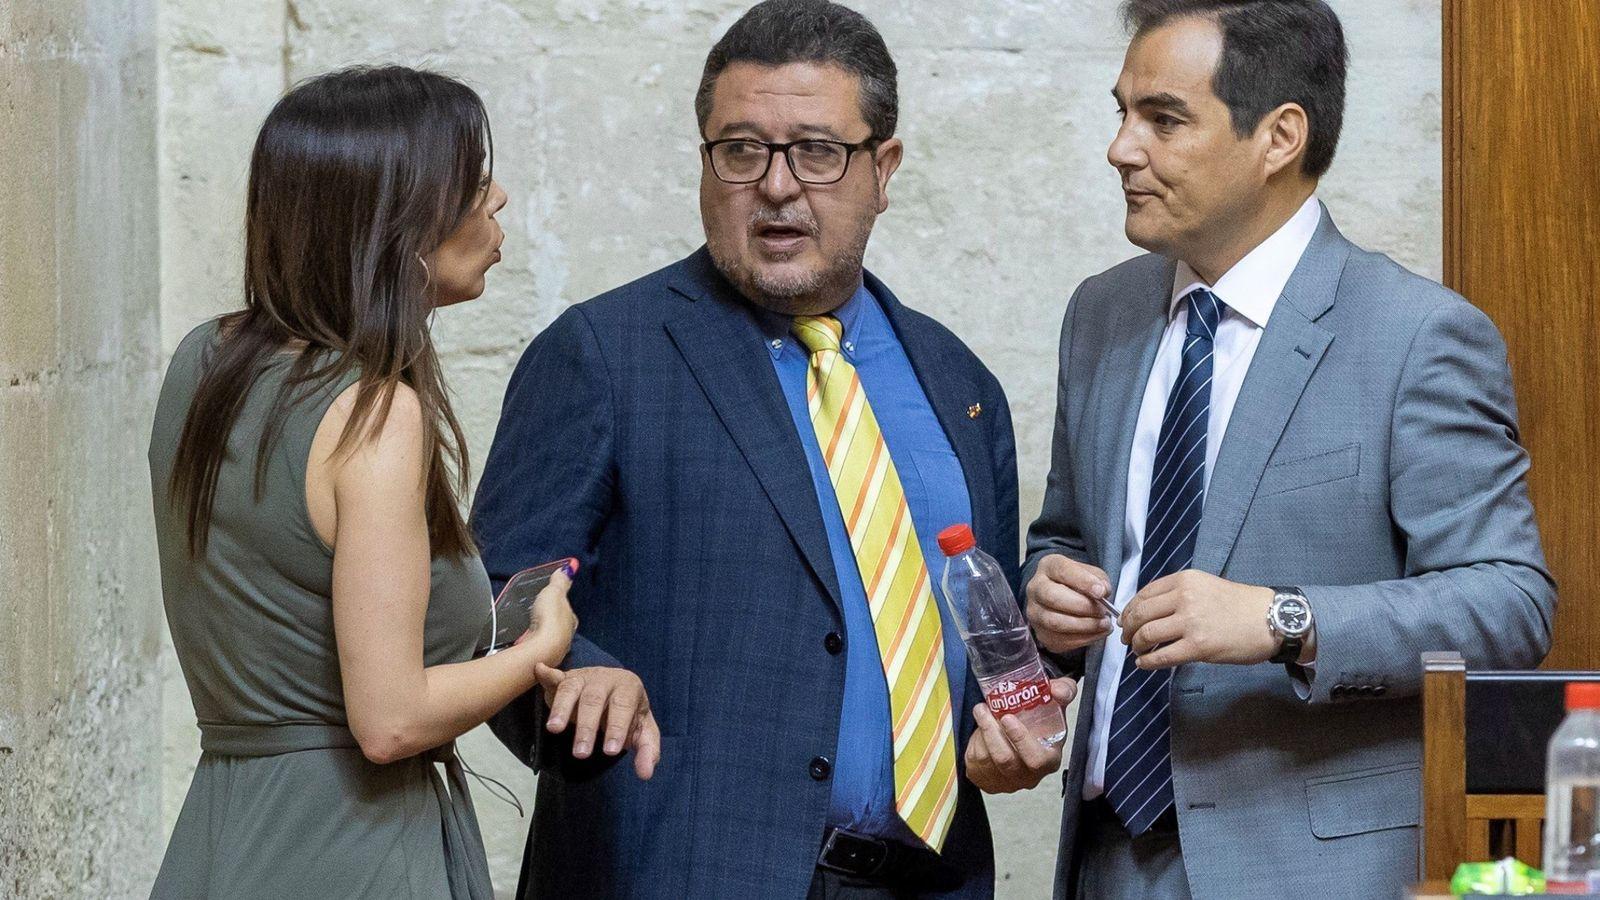 Foto: El presidente del grupo parlamentario de Vox, Francisco Serrano (c), el portavoz del PP, José Antonio Nieto (d), y la diputada de Ciudadanos María Teresa Pardo. (EFE)